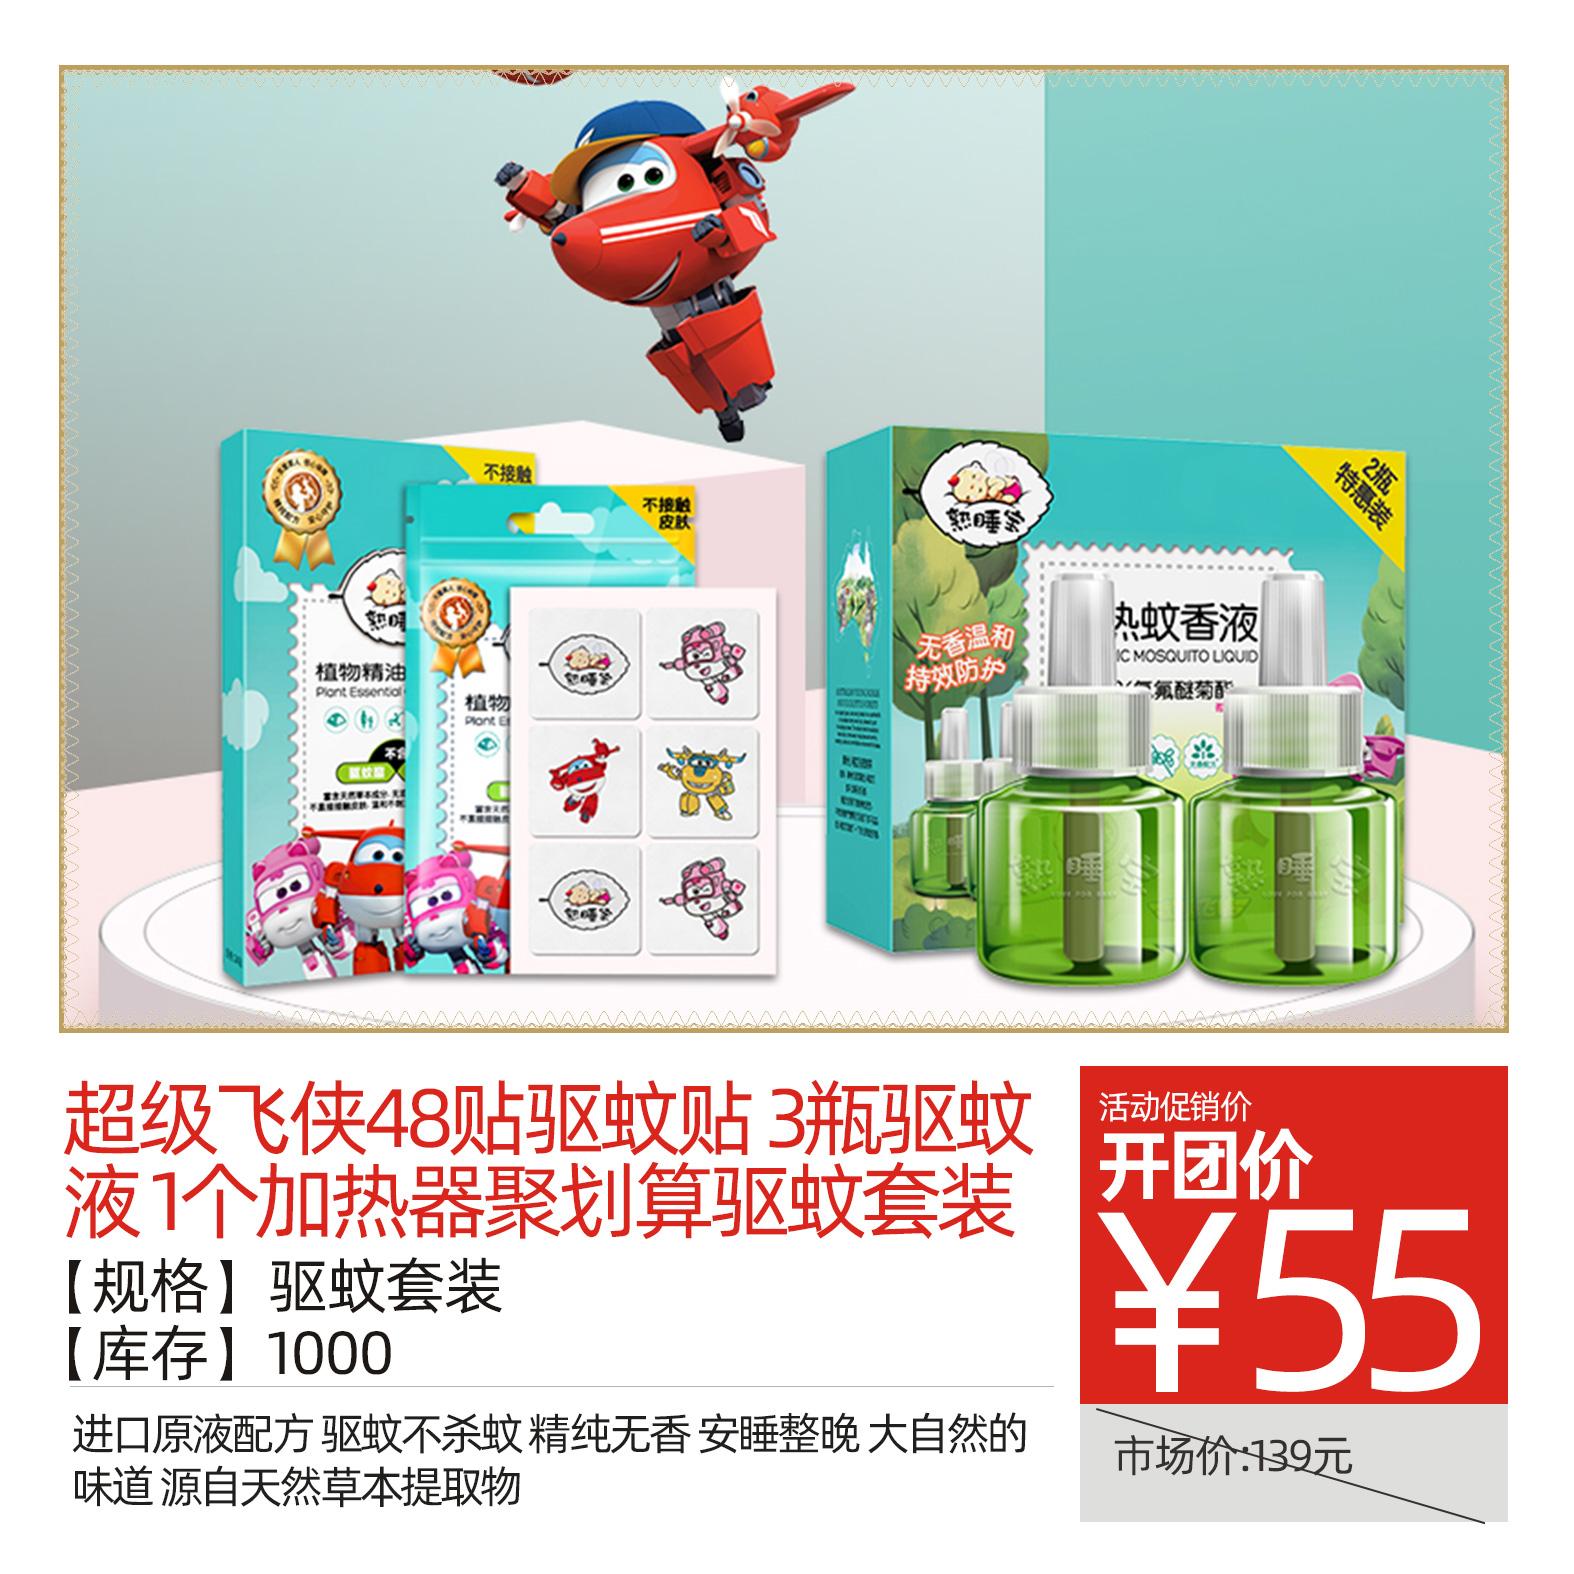 超级飞侠48贴驱蚊贴 3瓶驱蚊液 1个加热器聚划算驱蚊套装